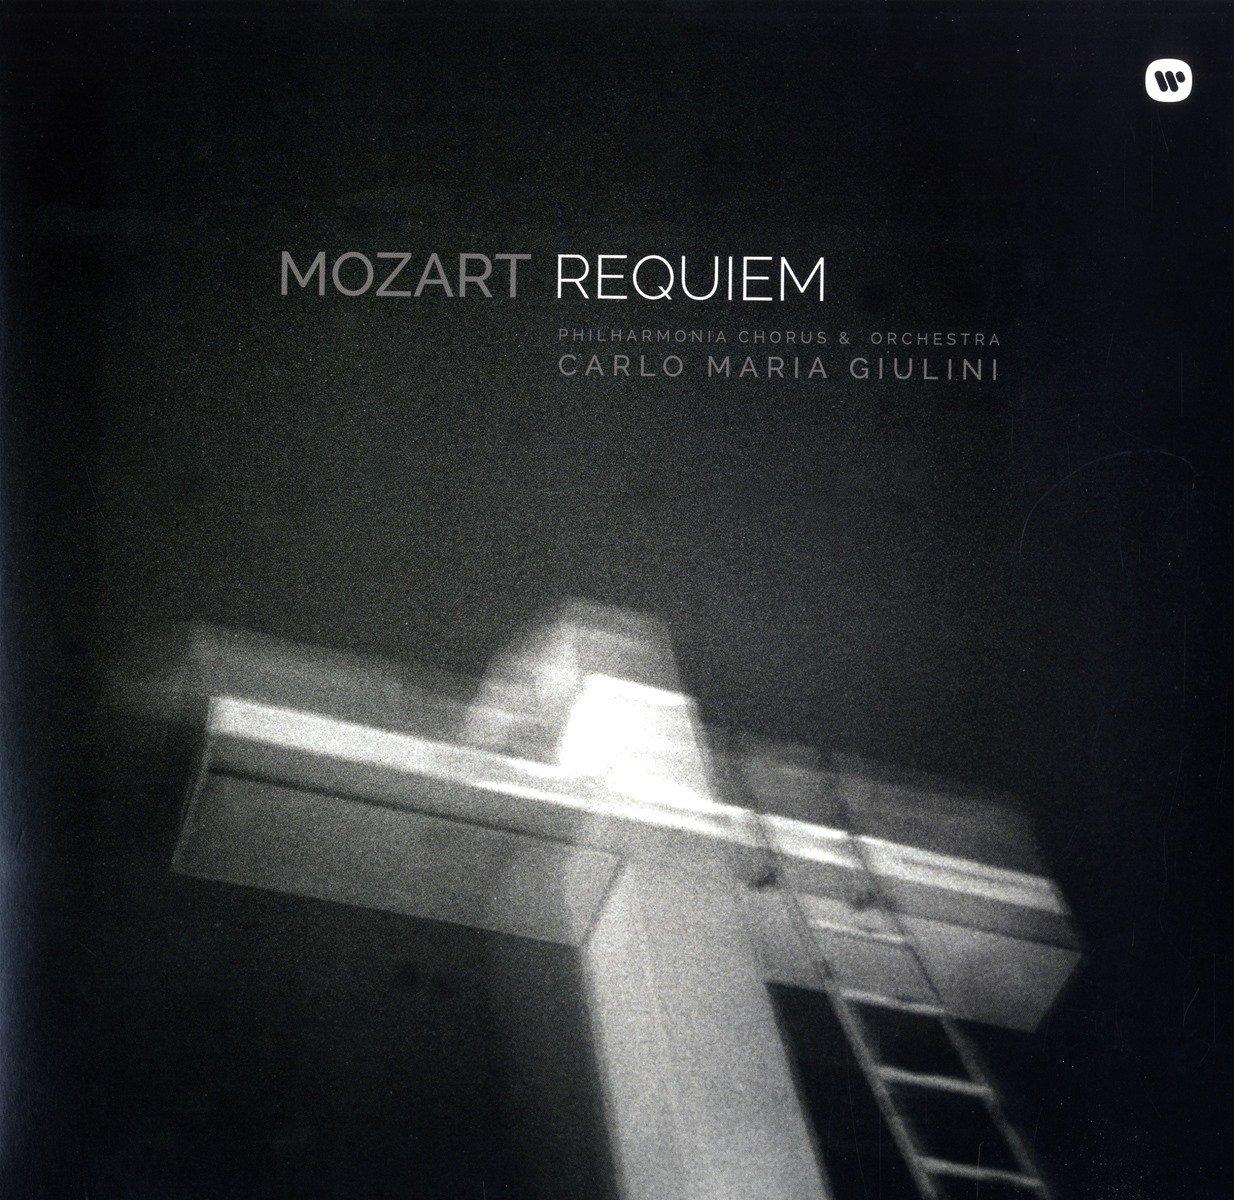 Vinilo : Carlo Maria Giulini - Requiem (2PC)